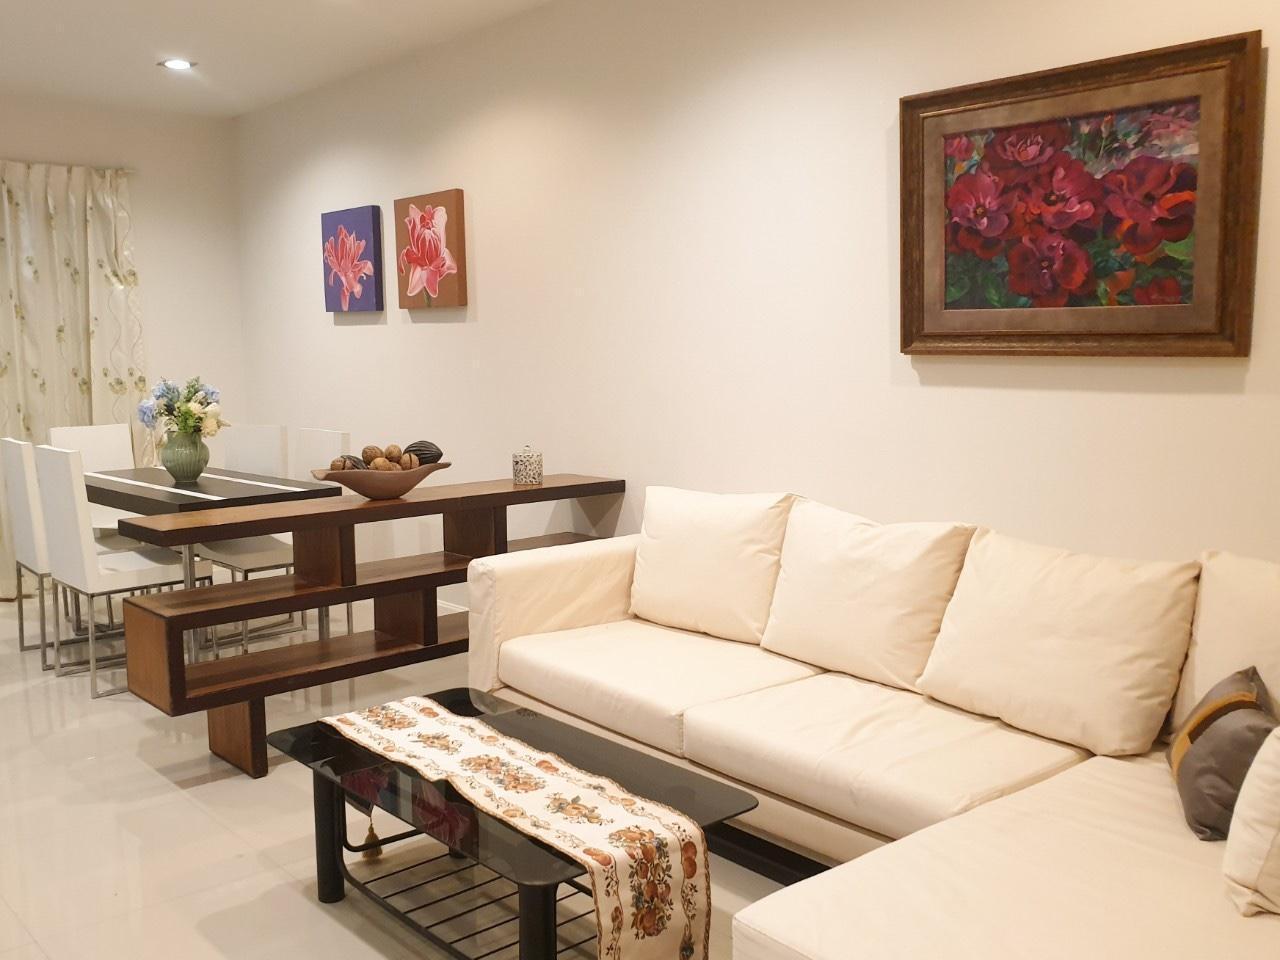 Kimb place บ้านเดี่ยว 3 ห้องนอน 2 ห้องน้ำส่วนตัว ขนาด 145 ตร.ม. – ช้างคลาน